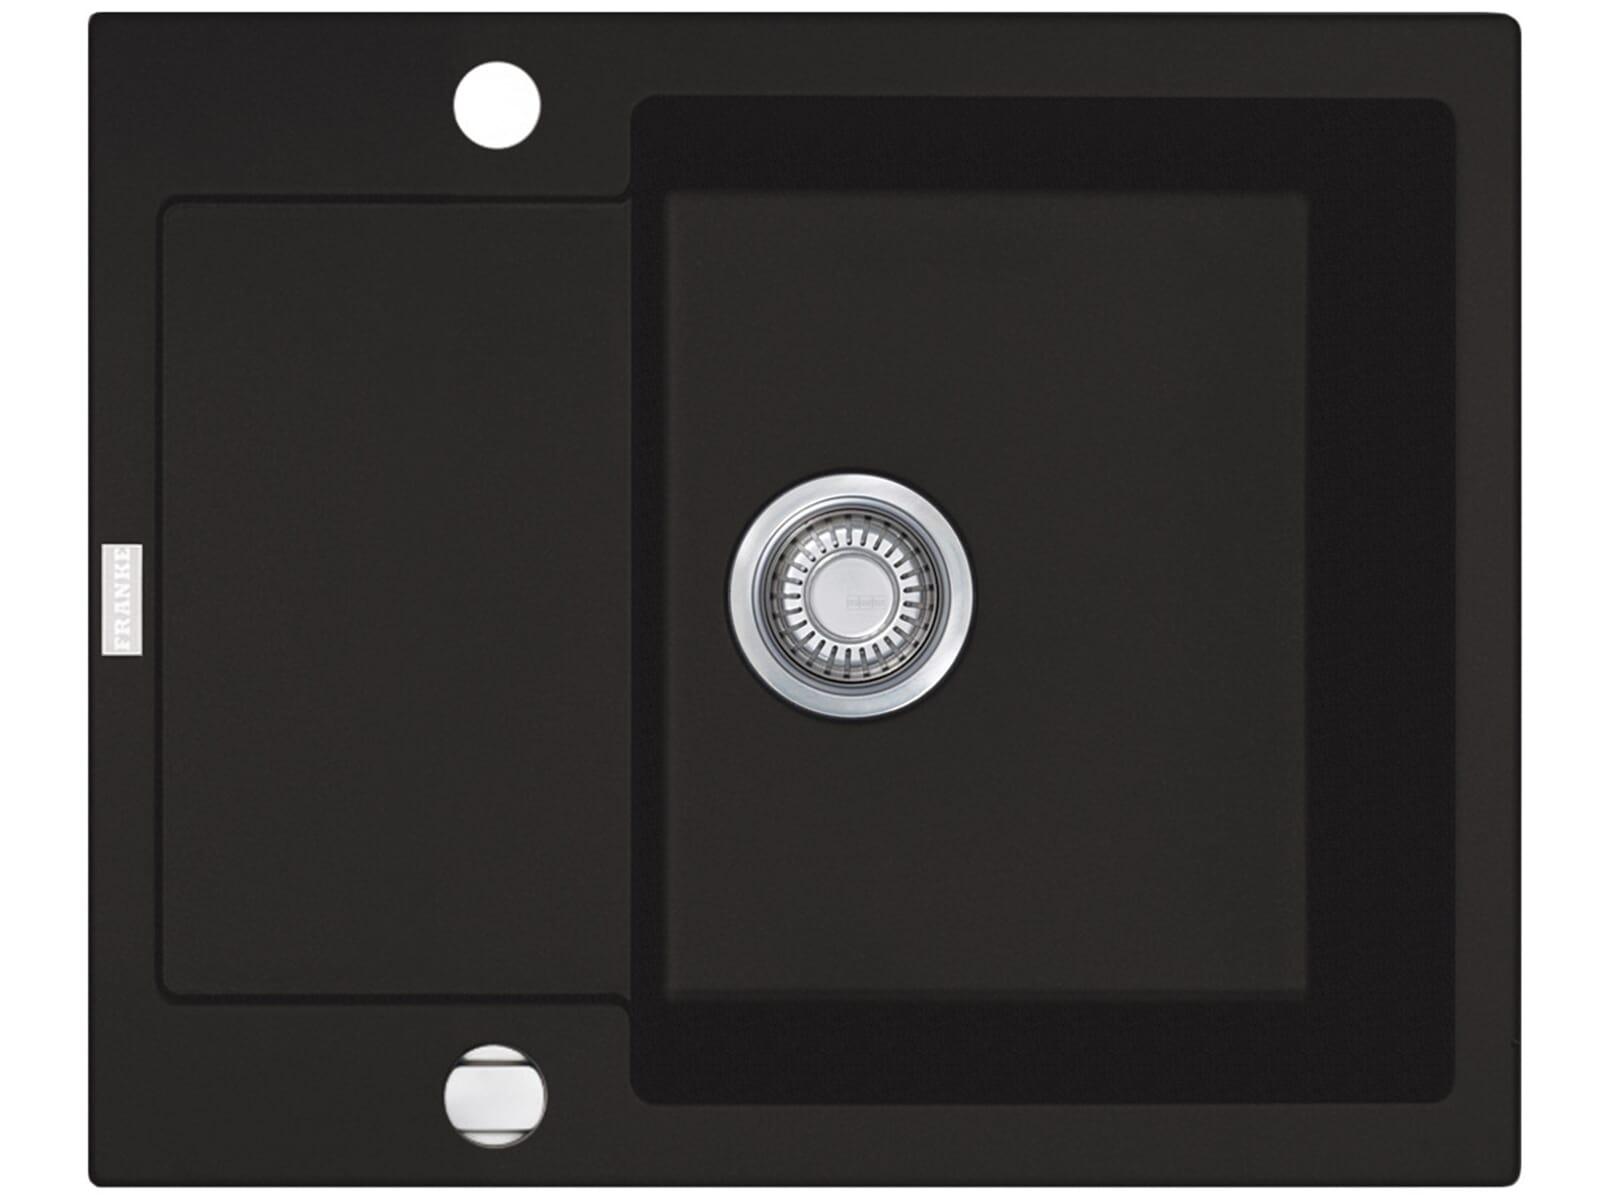 franke maris mrg 611 62 graphit granit sp lbecken k chensp le auflage drehknopf ebay. Black Bedroom Furniture Sets. Home Design Ideas